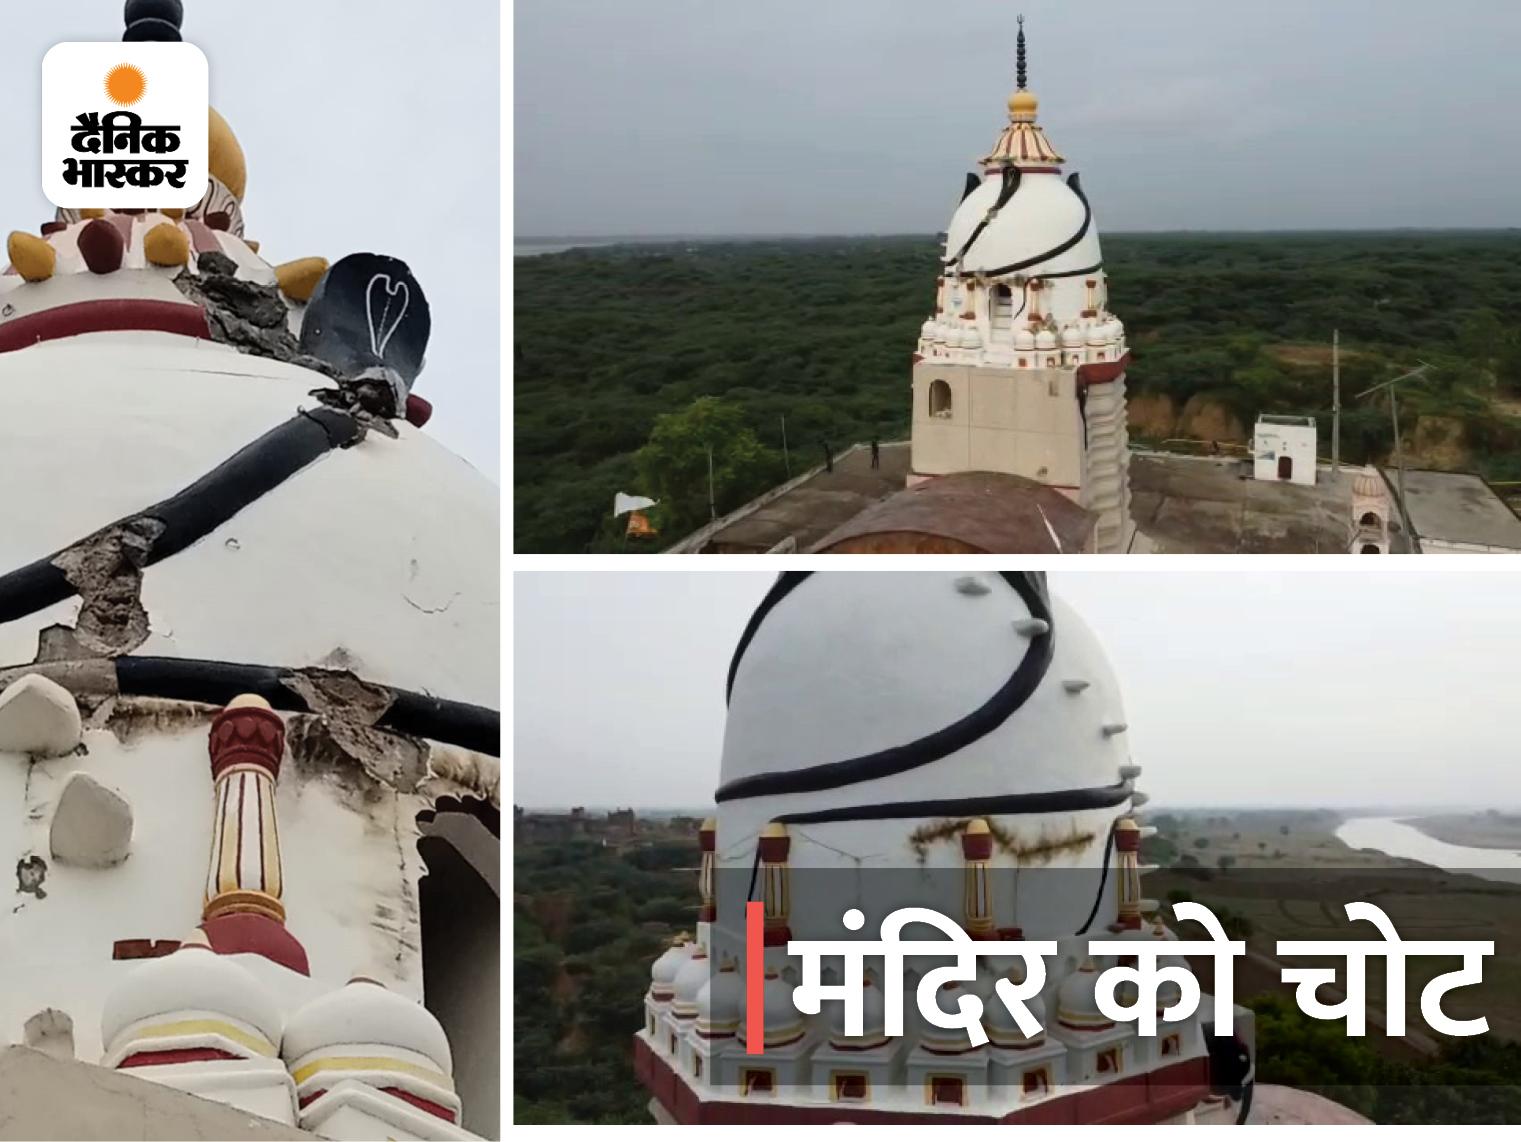 इटावा में मंदिर के गुंबद में आई दरारें, चंबल के बीहड़ में है भारेश्वर मंदिर; यहां पांडवों ने की थी पूजा, पीछे हट गए थे अंग्रेज|इटावा,Etawah - Dainik Bhaskar